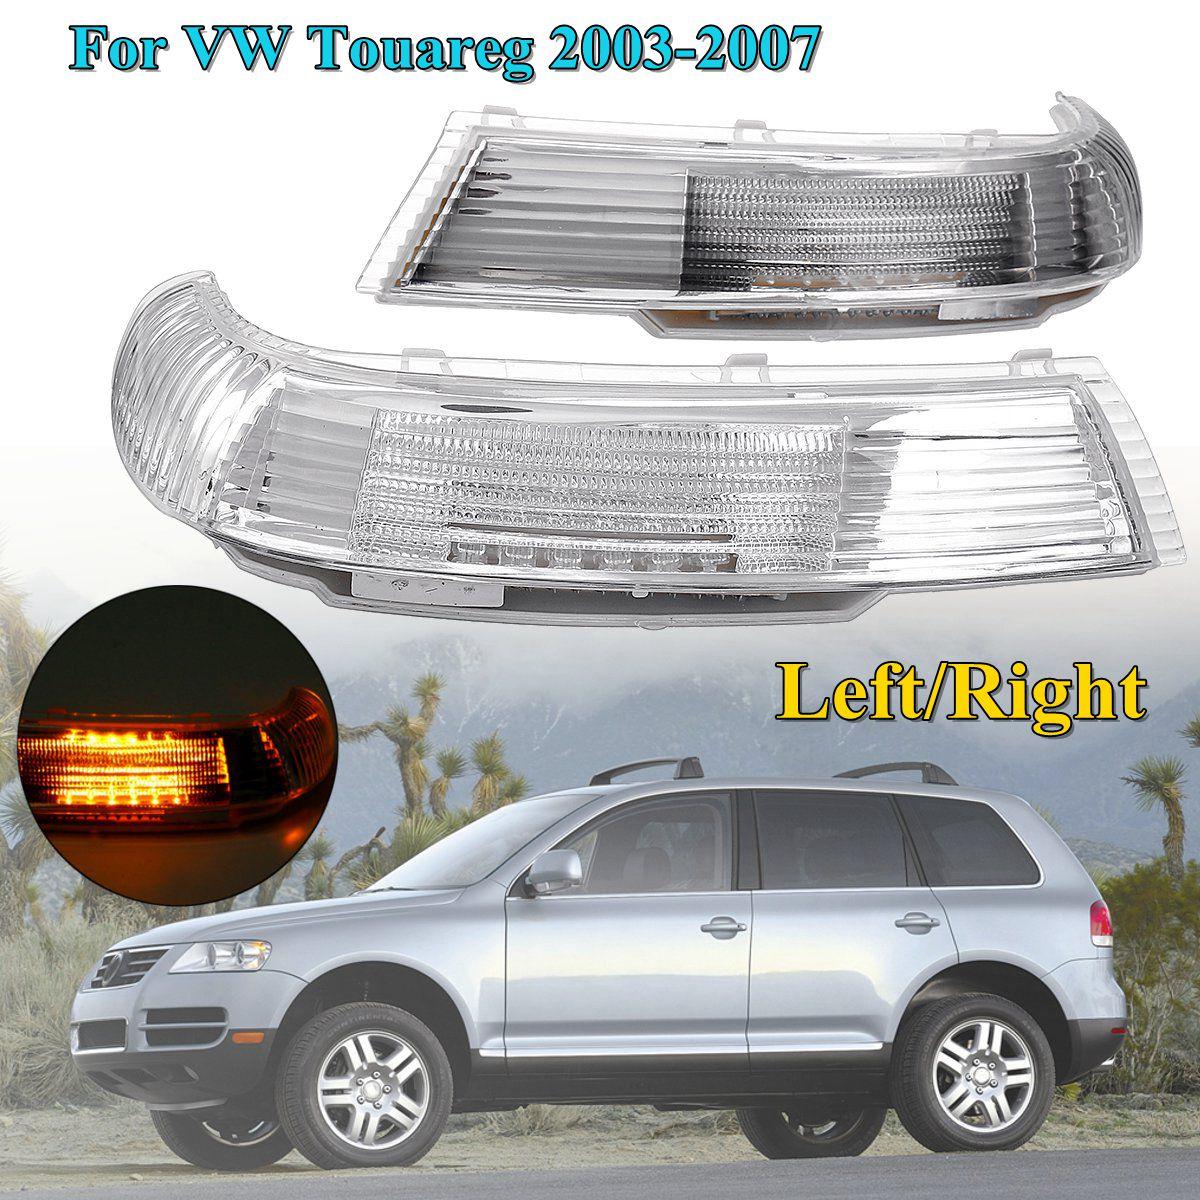 RH OEM 2007 RIGHT LH VW TOUAREG Tail Rear Inner Lights PAIR LEFT